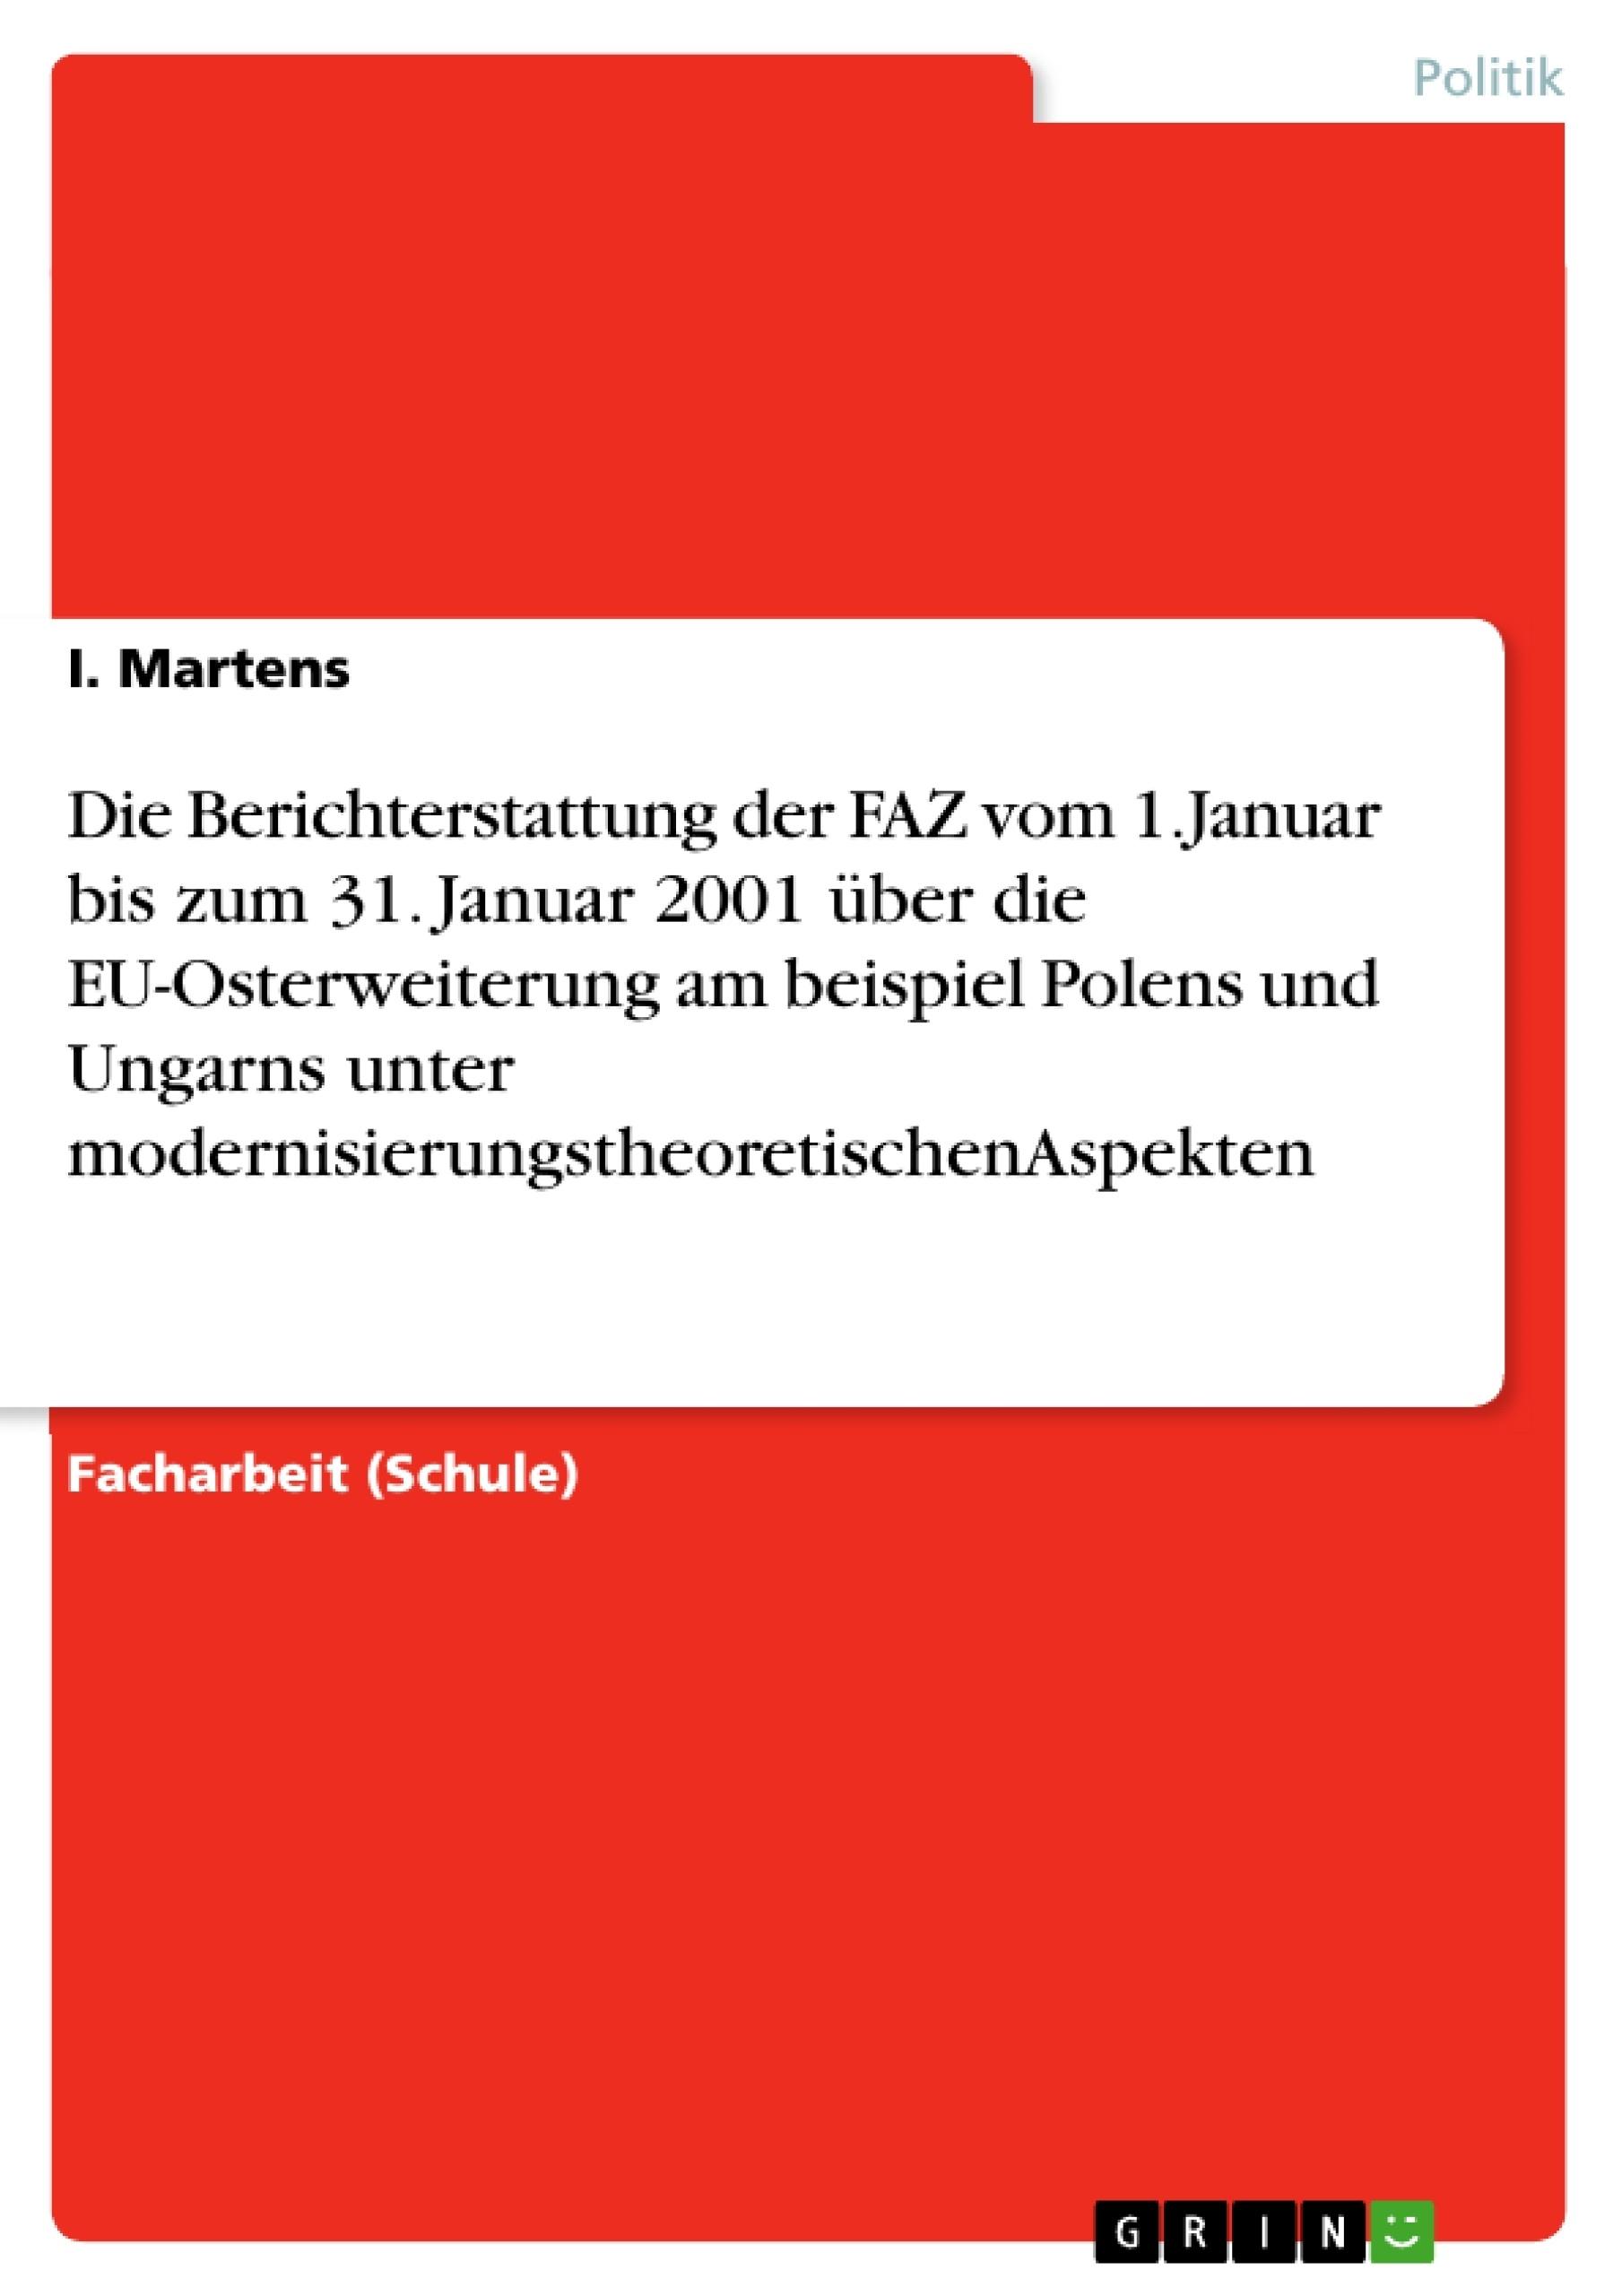 Titel: Die Berichterstattung der FAZ vom 1.Januar bis zum 31. Januar 2001 über die EU-Osterweiterung am beispiel Polens und Ungarns unter modernisierungstheoretischenAspekten